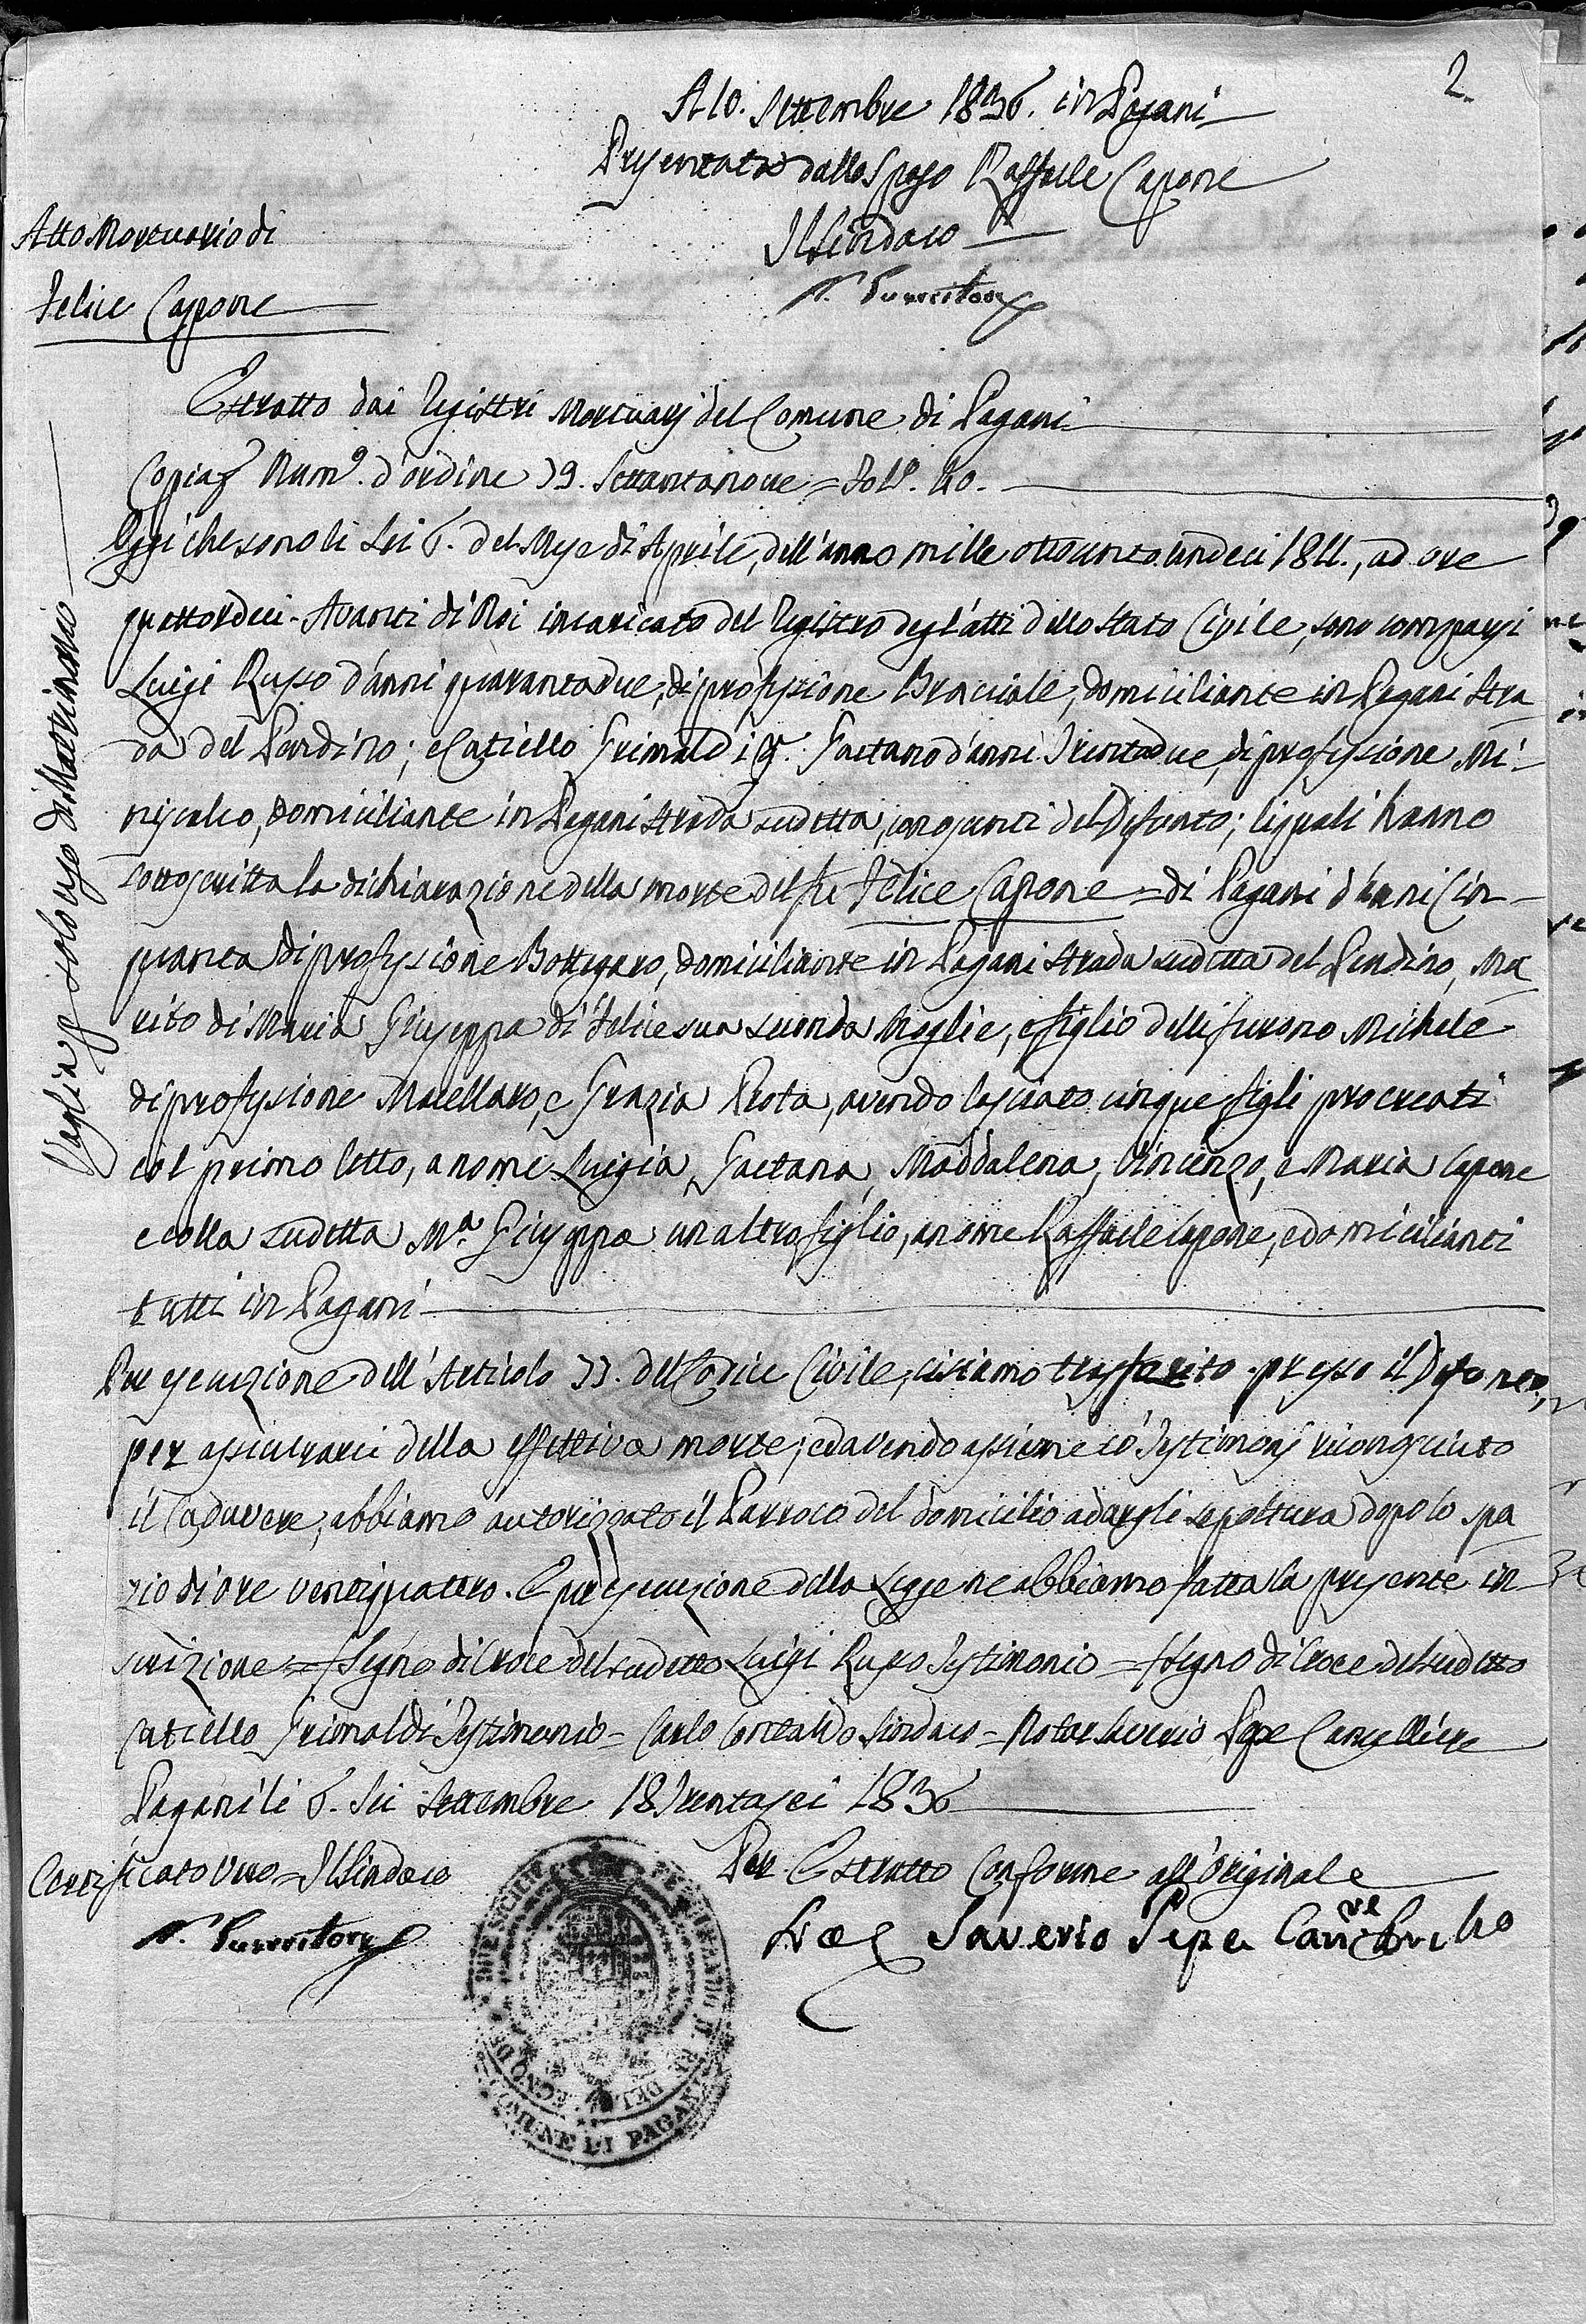 http://www.genealogiafamiliare.it/wp/wp-content/uploads/2018/03/Death-Felice-Capone-1811.jpg